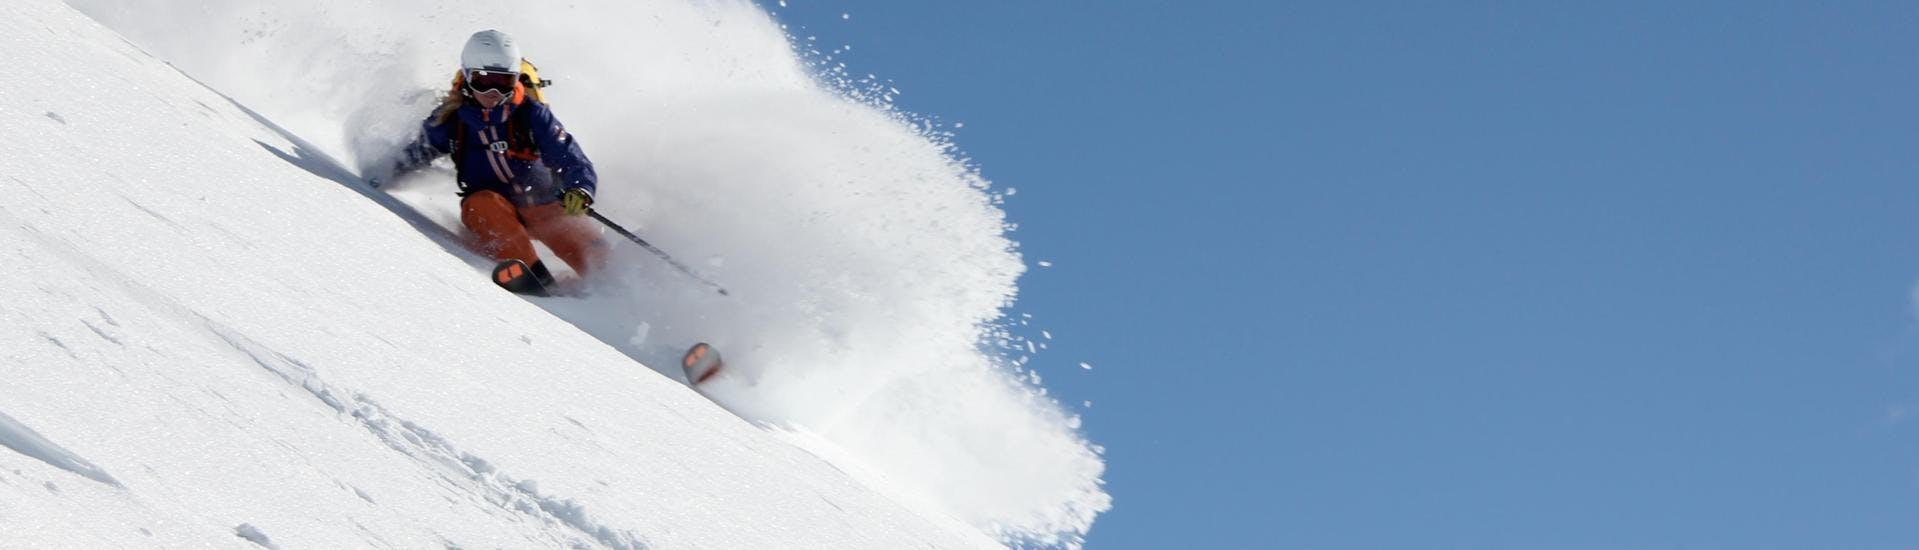 Un skieur glisse sur une pente de poudreuse pendant l'un de ses cours de ski avec l'école de ski Skibex dans la station de ski de Chamonix.